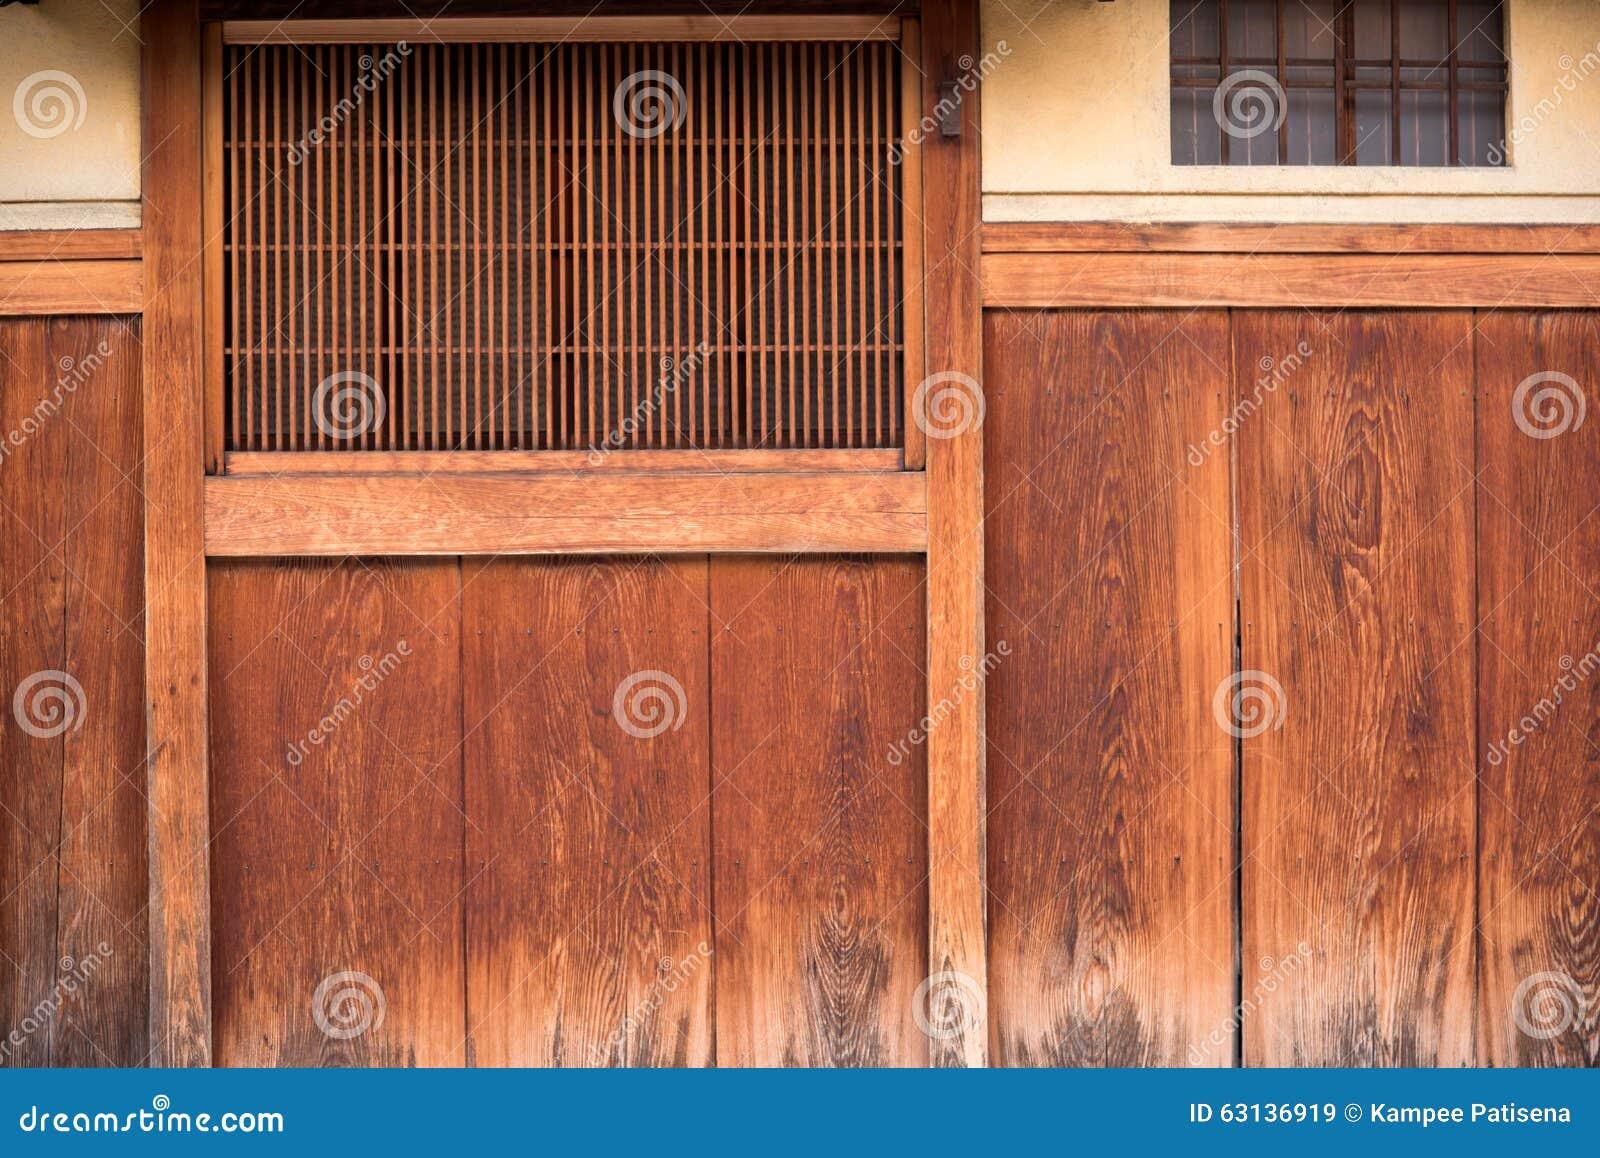 Detalle De La Casa Japonesa De Madera En Gion Imagen de ... - photo#34